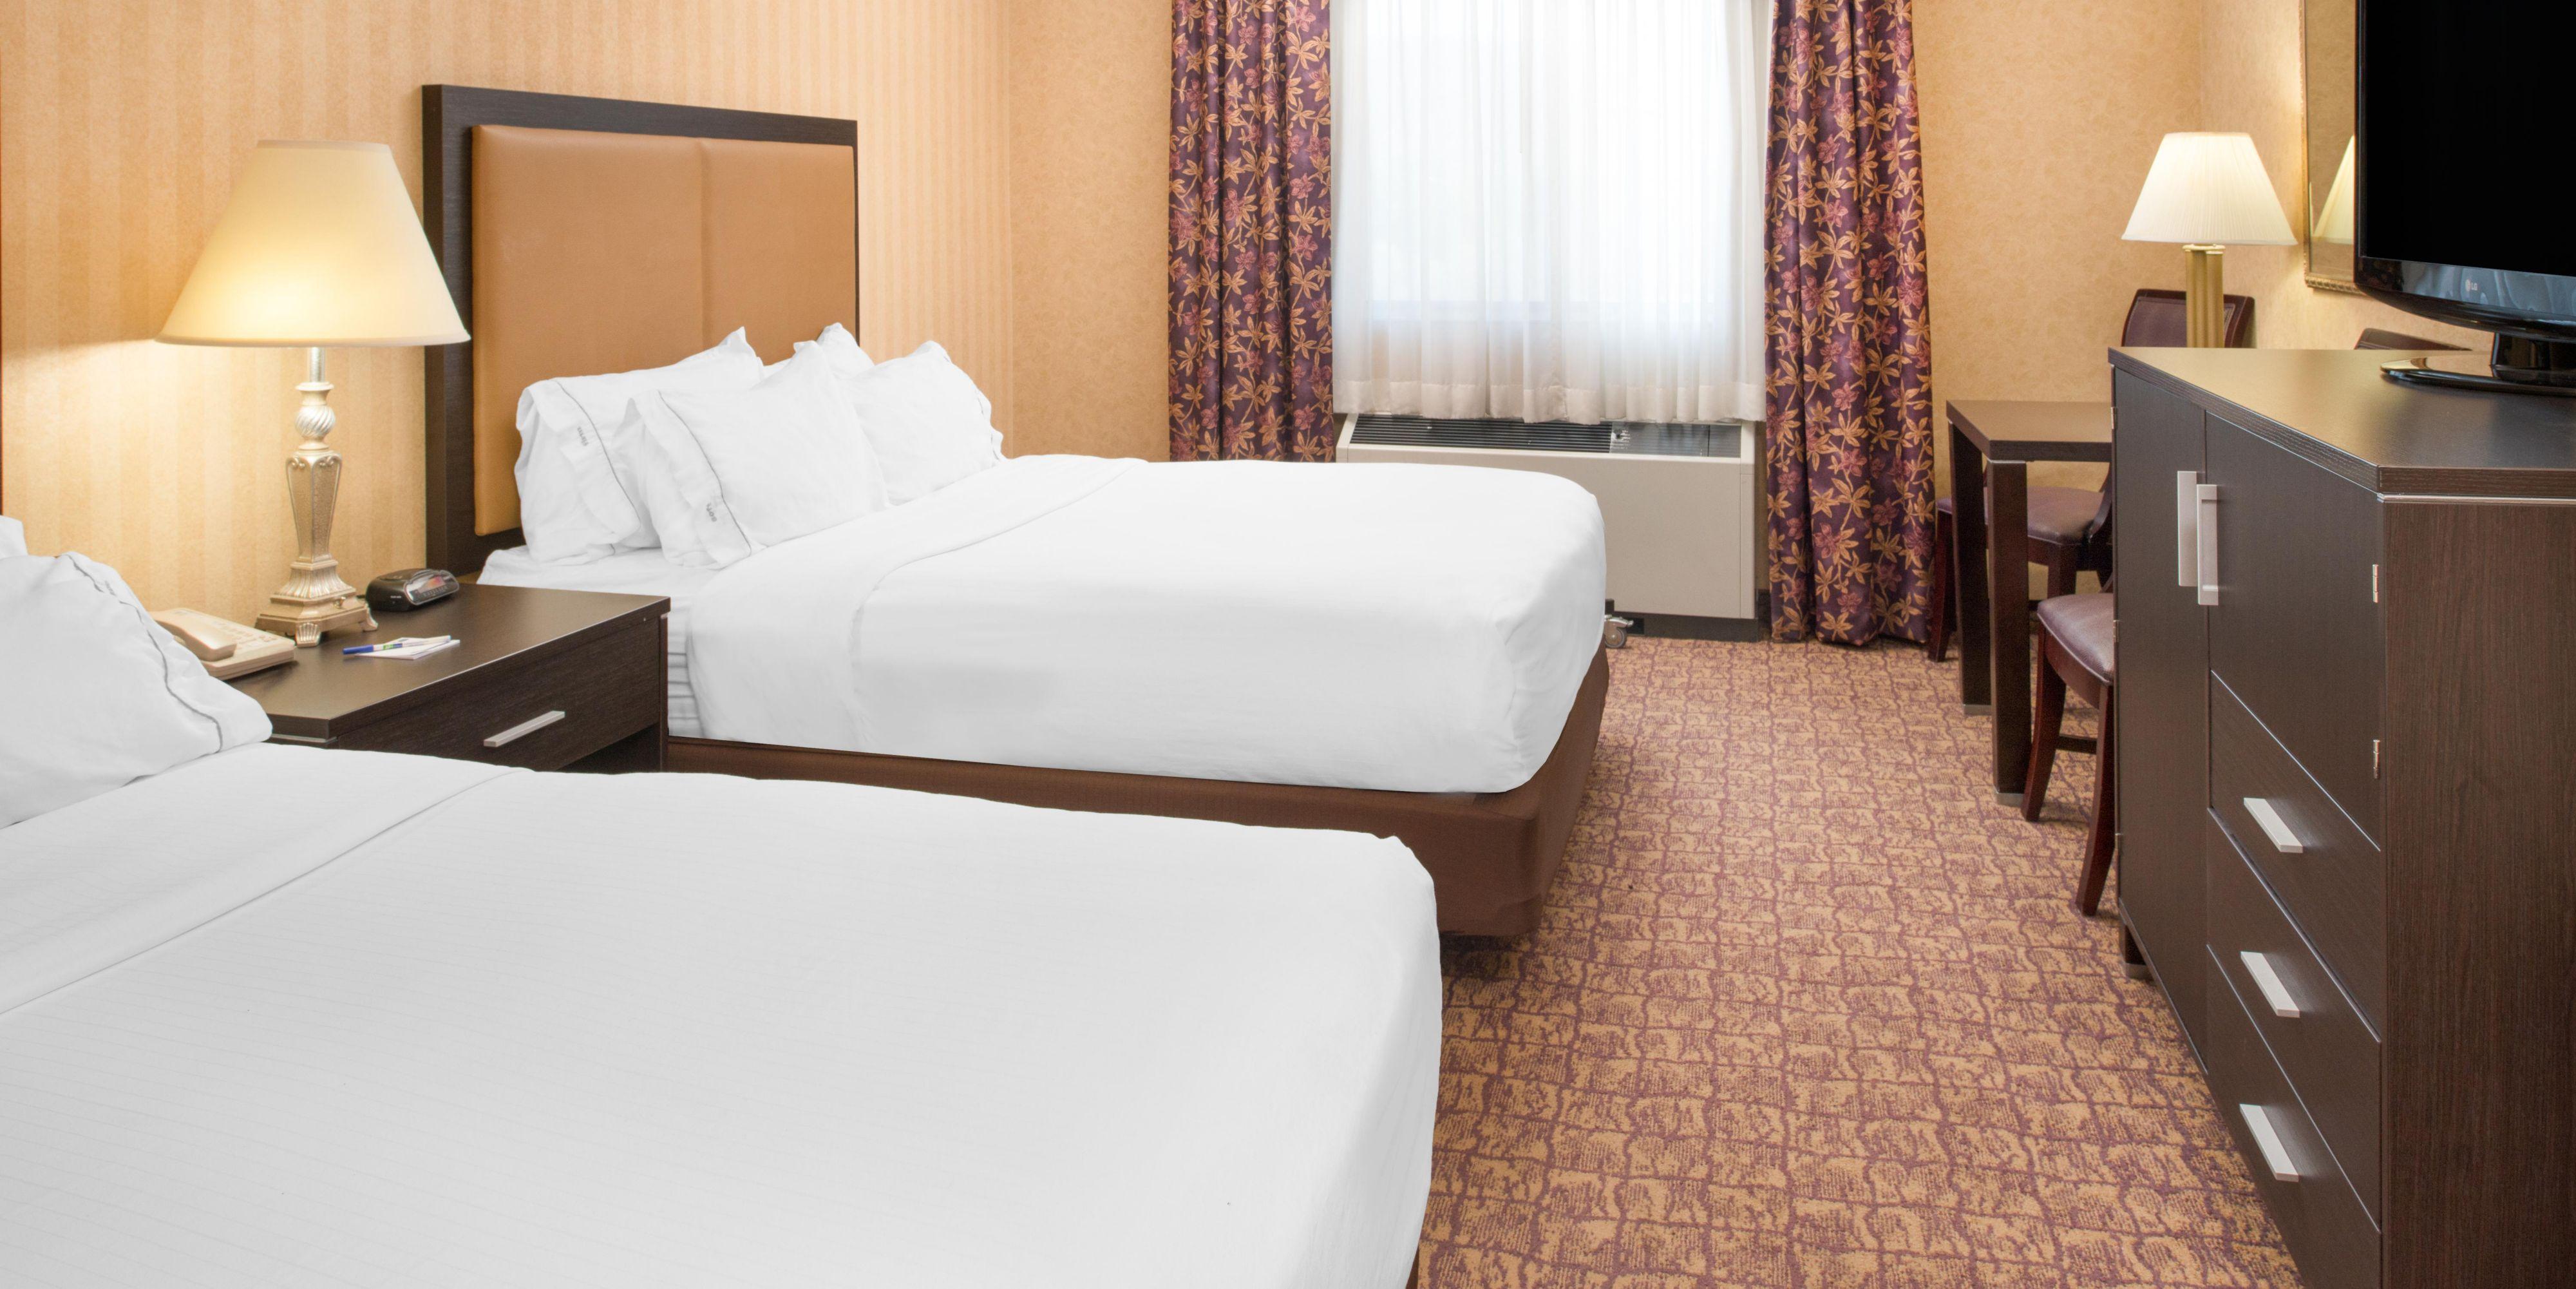 Wenatchee Hotels | Holiday Inn Express Wenatchee | IHG